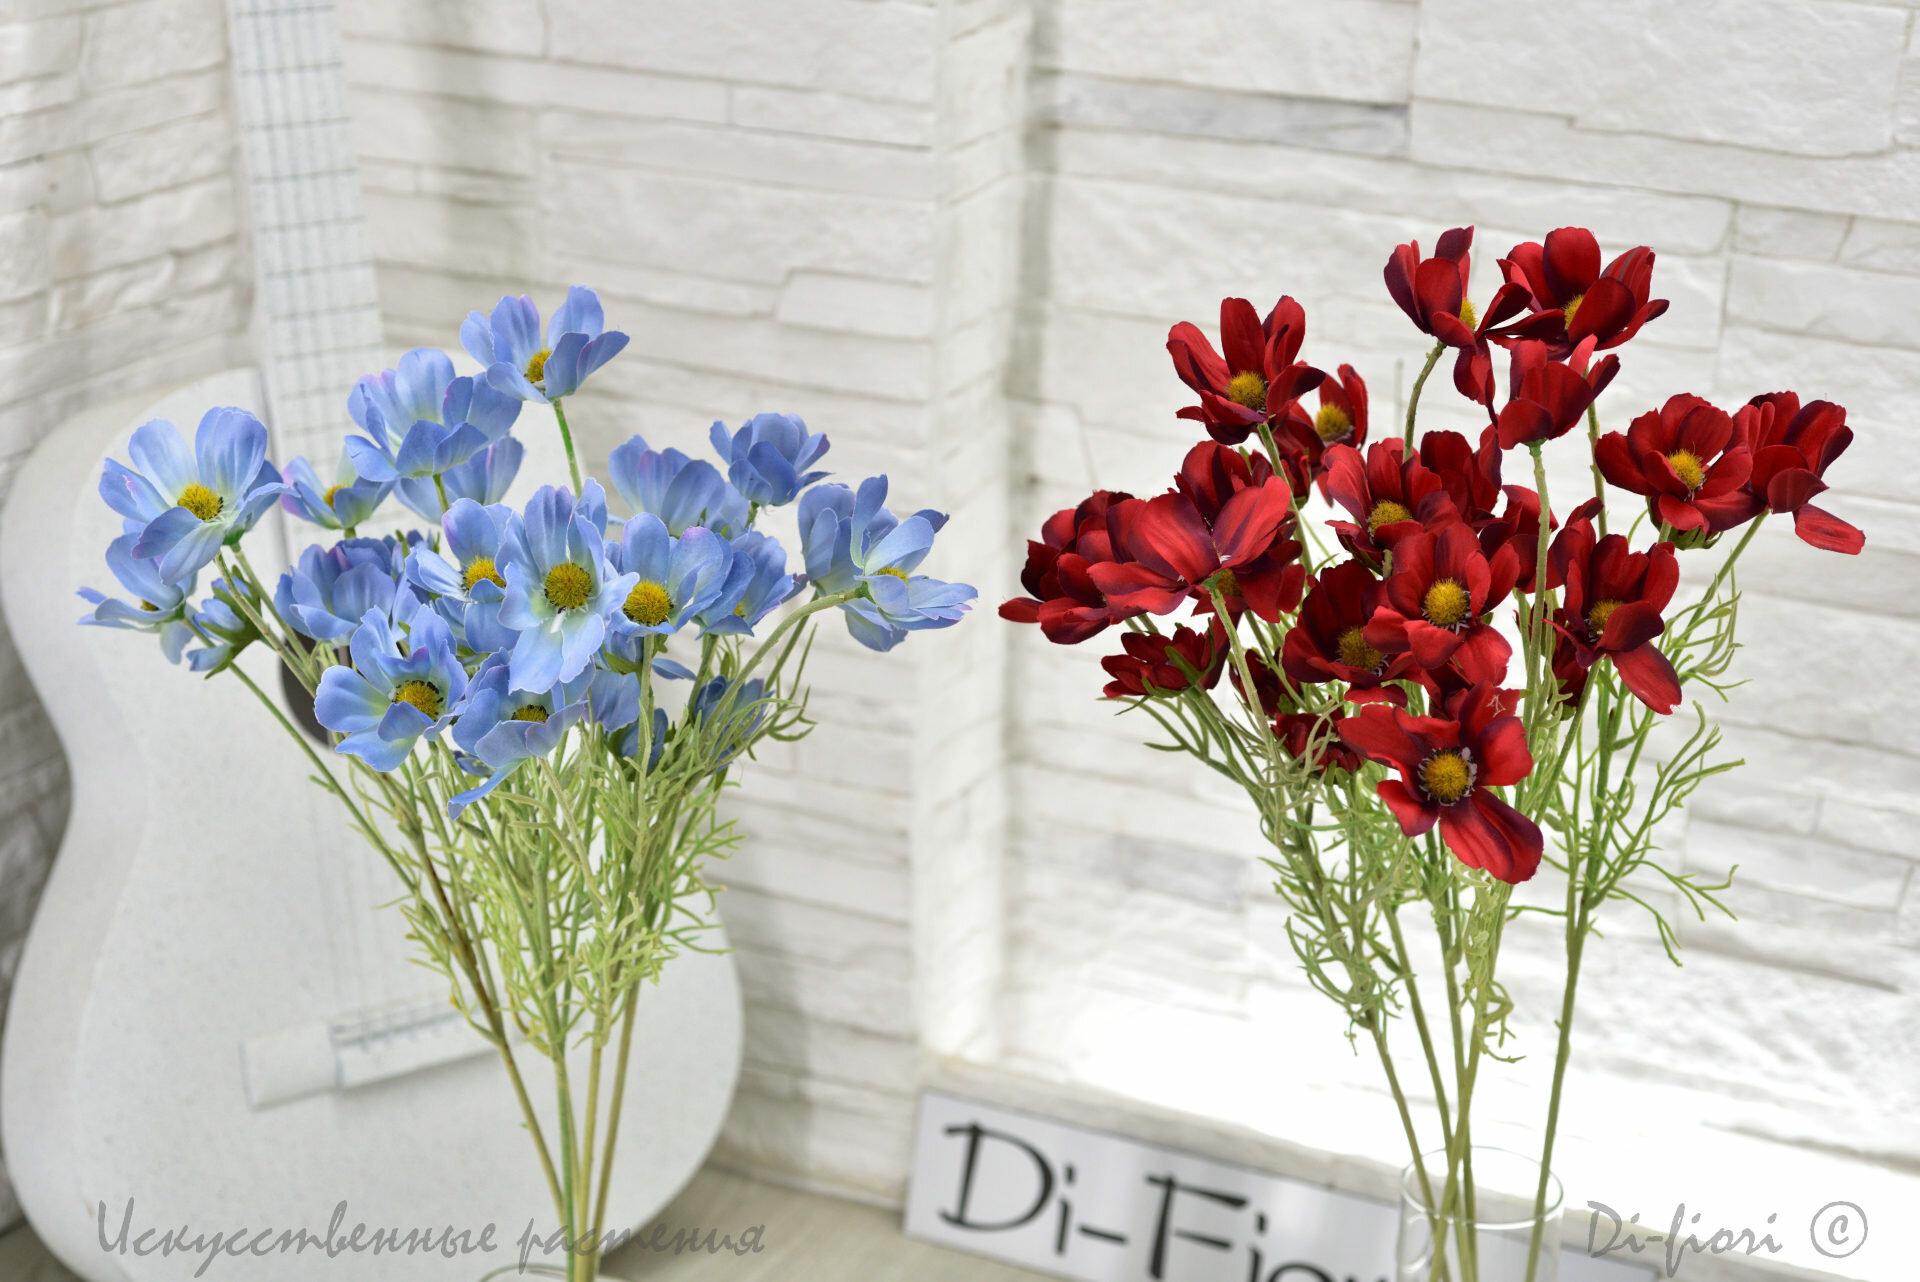 Цветок C-Import Космея искусственная ветка красная голубая, цвет голубой, высота 55см, вес нетто 23g.